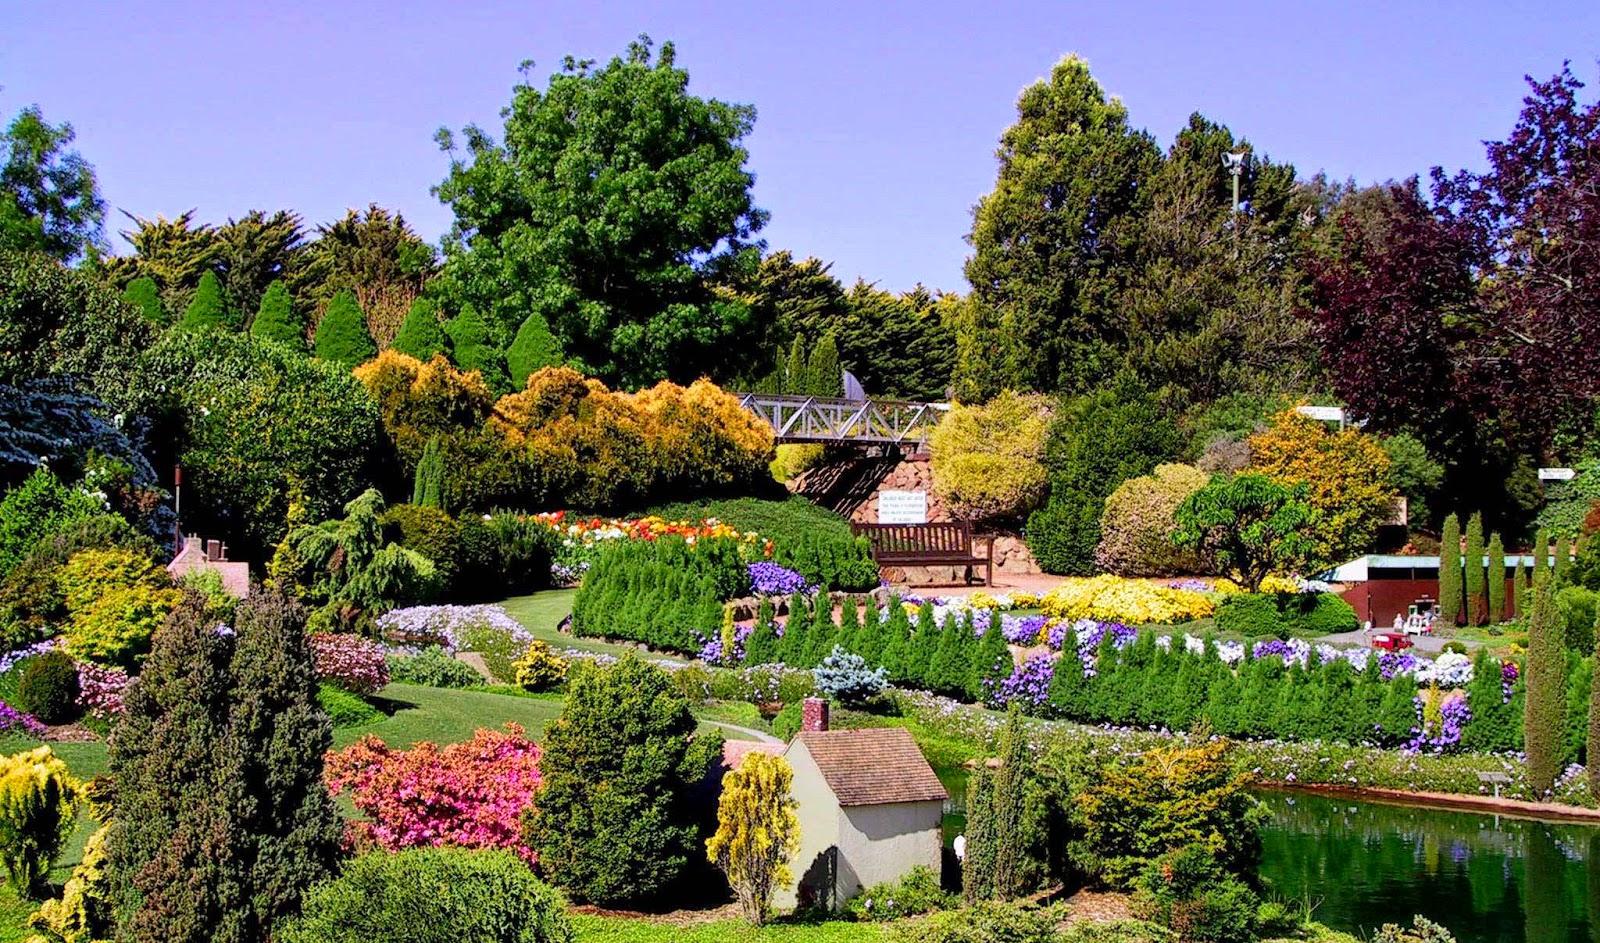 Los rincones de madrid jard n bot nico for Jardin botanico en sevilla